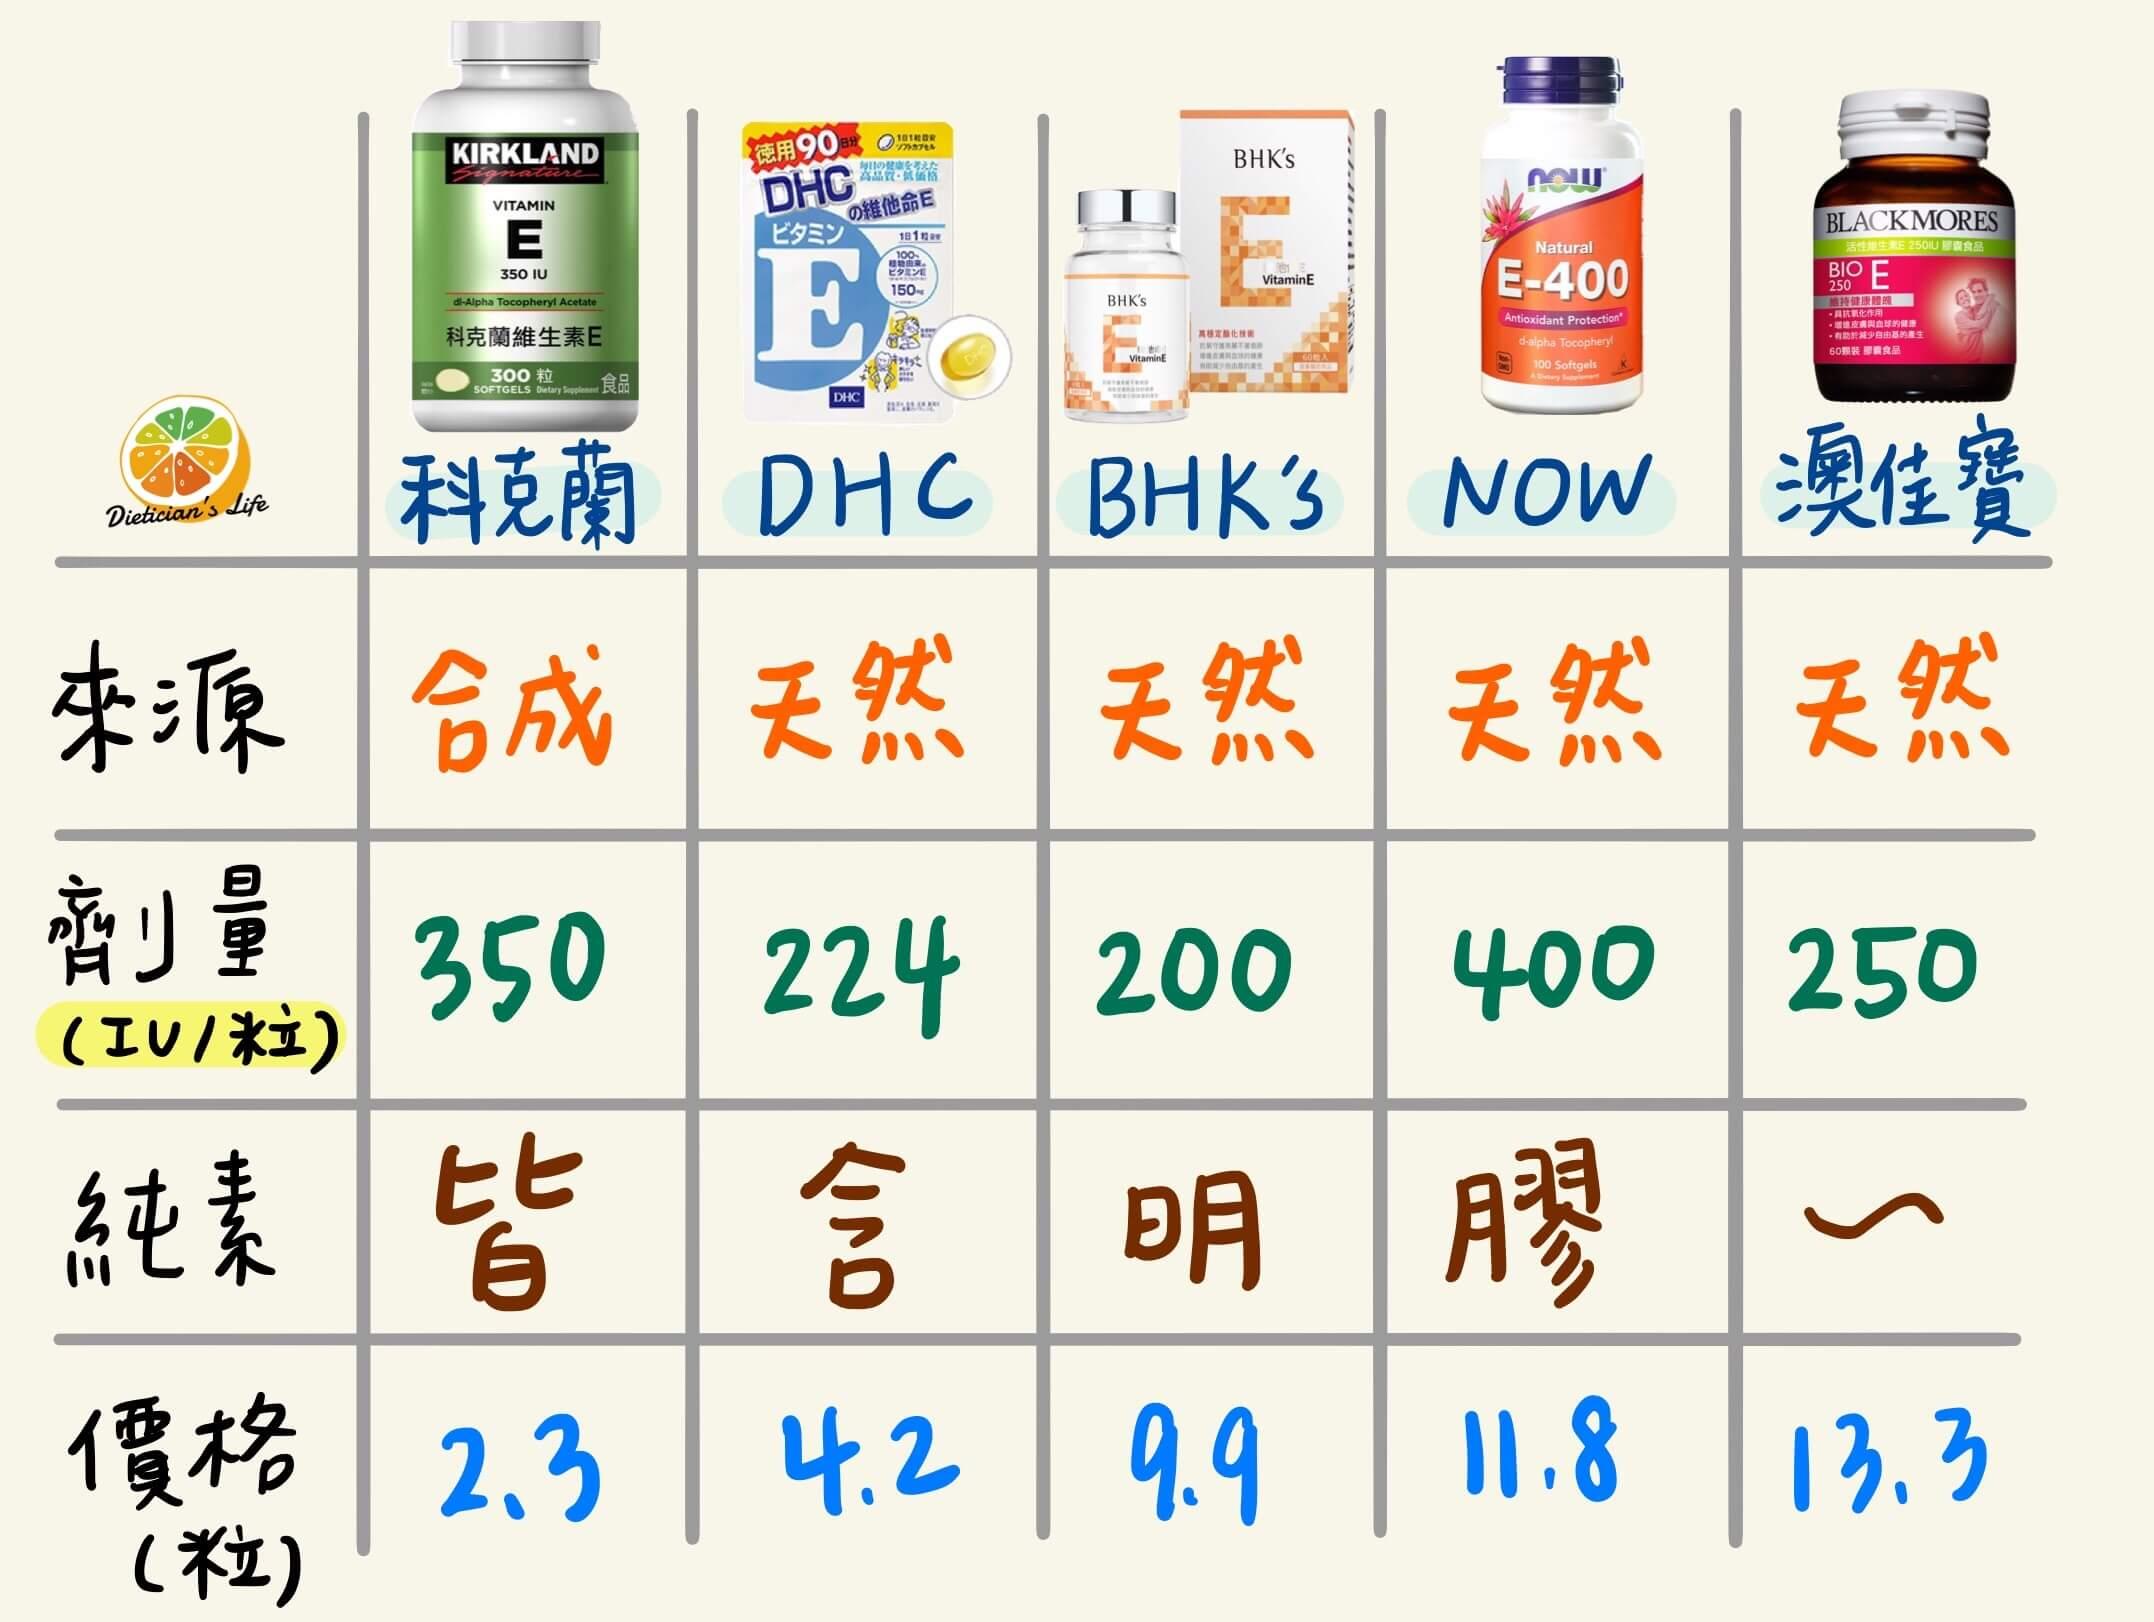 維生素E保健食品